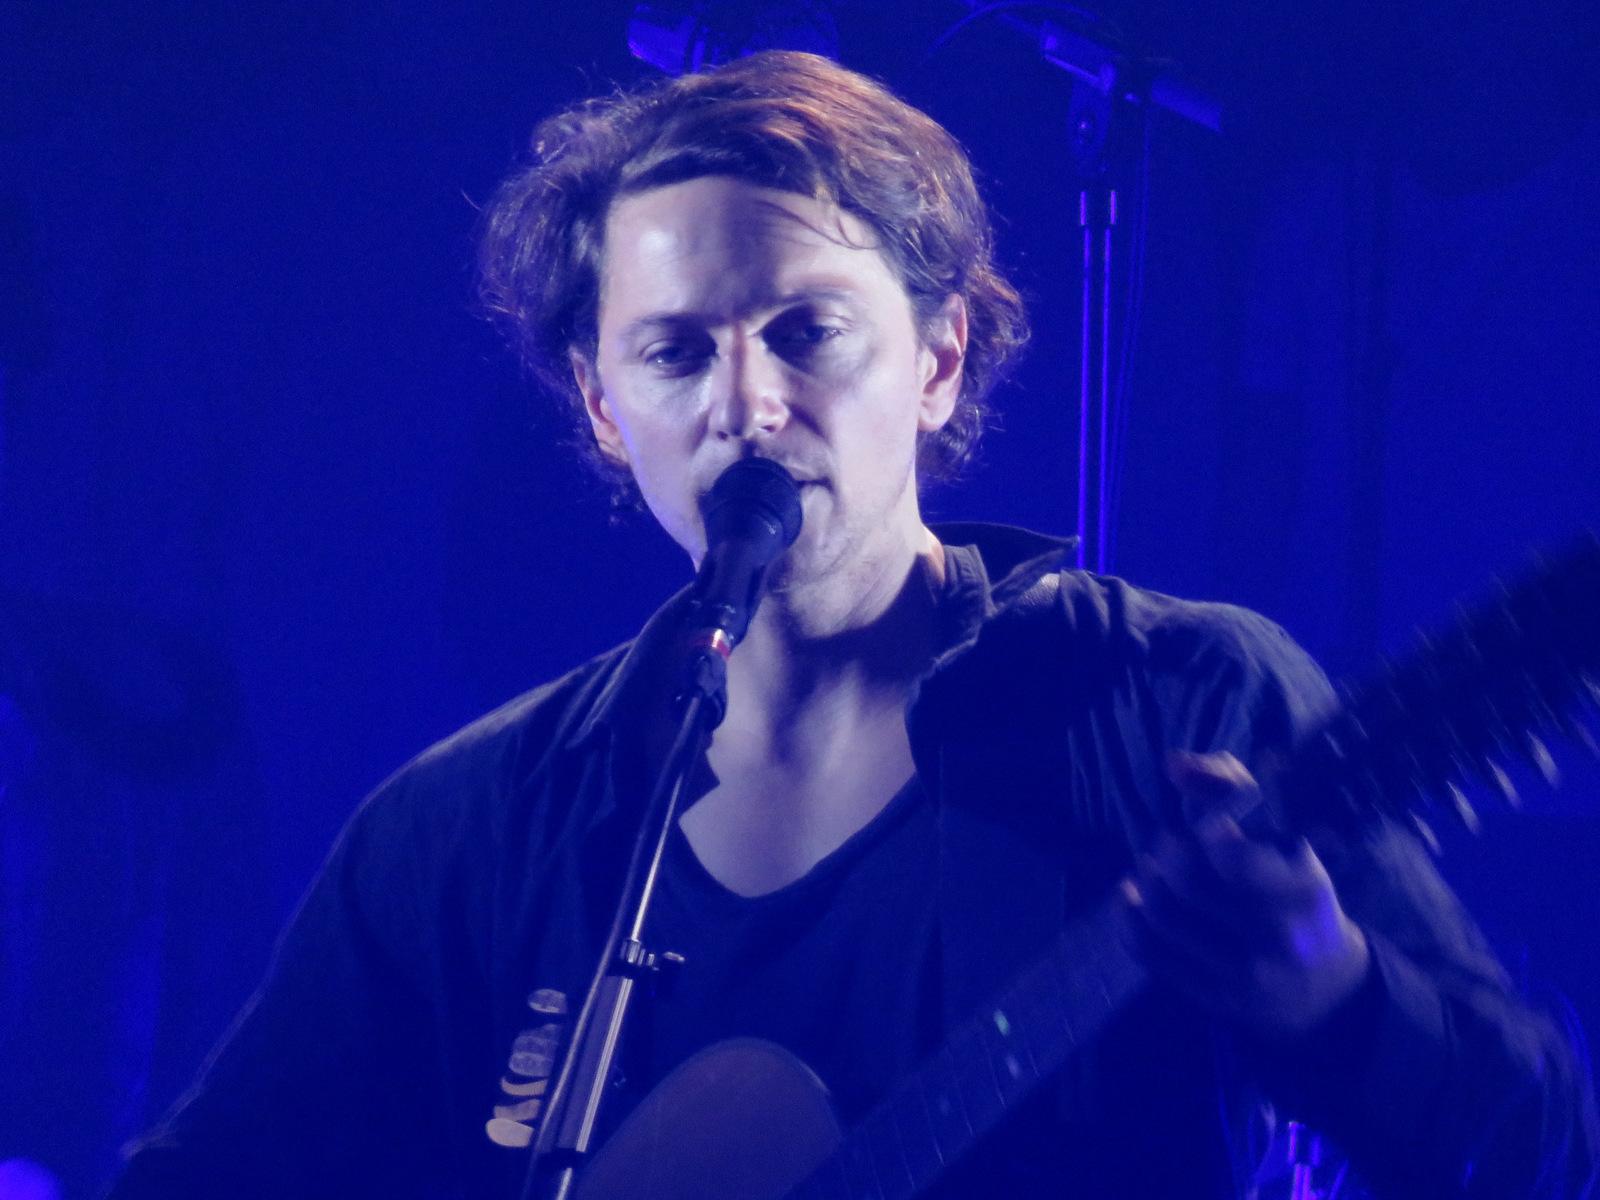 Raphaël - Concert - Somnambules - Forum de Liège - Décembre 2015 (8)